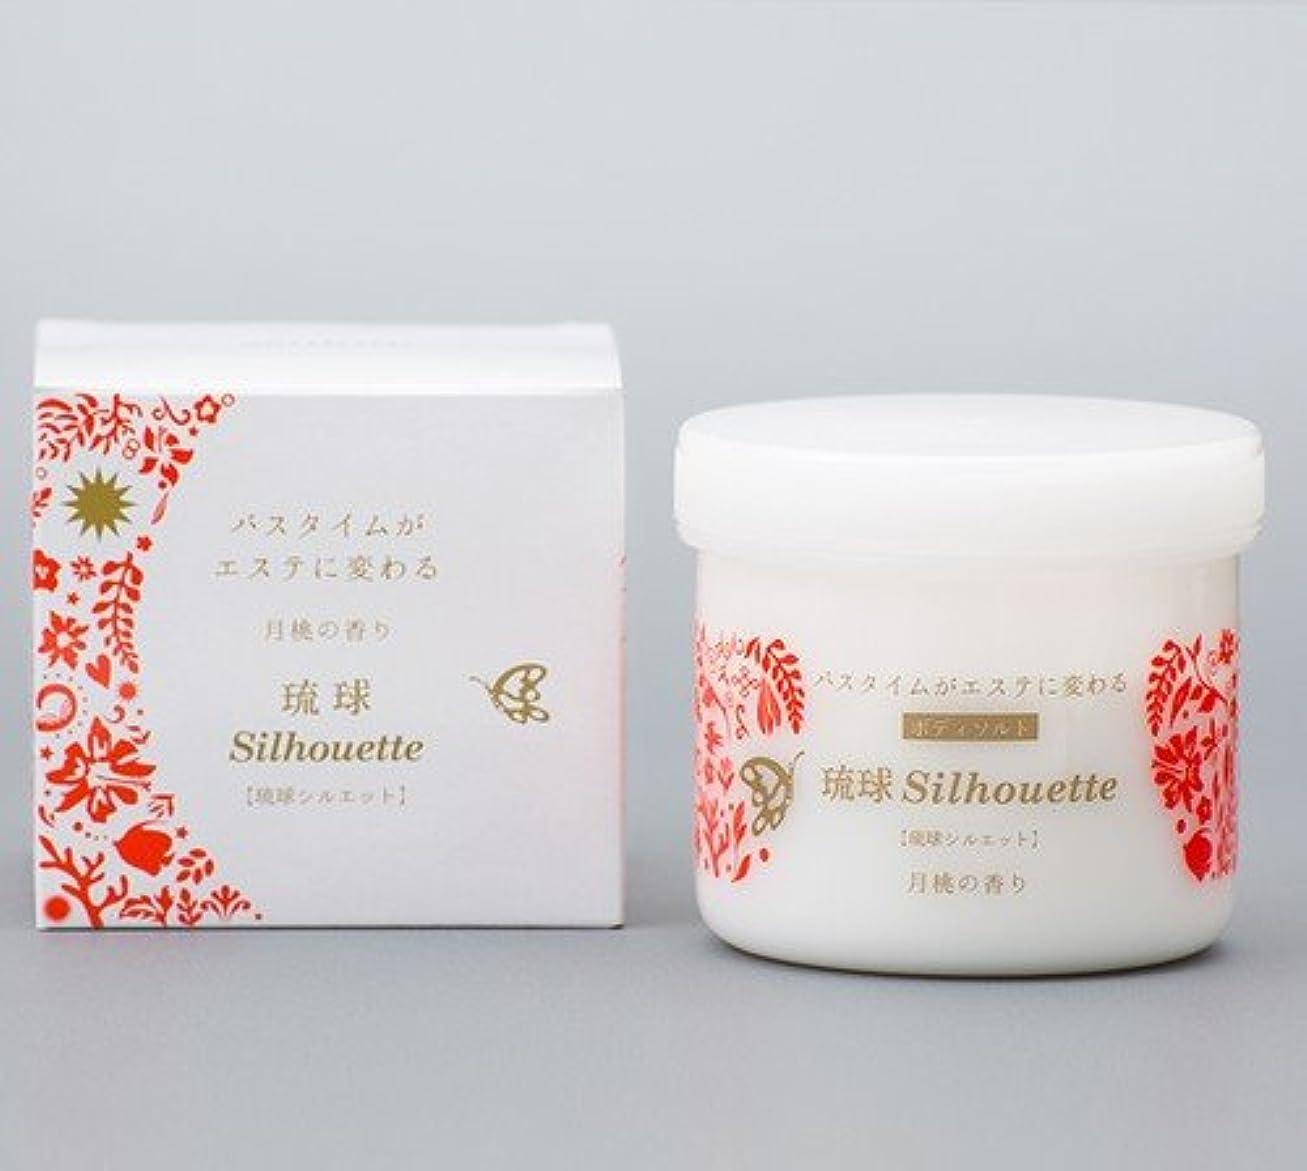 マウスウール鼓舞する月桃の香り 琉球シルエット ソルトソープ(200g)